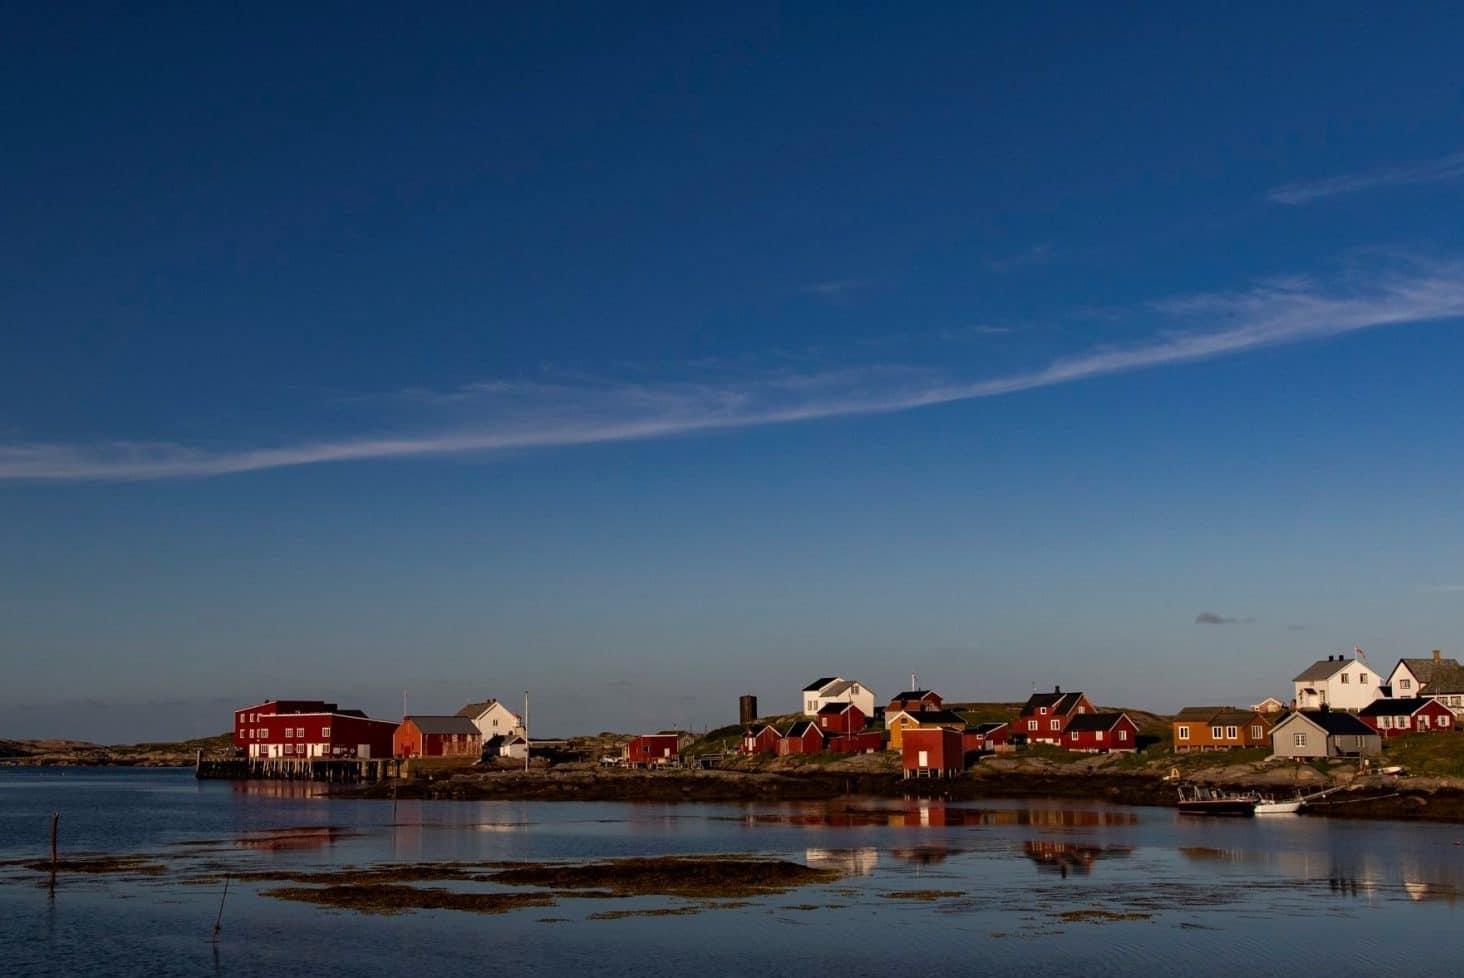 Øyrekka har alt en fotograf kan drømme om! Pittoreske fiskevær, heftig natur og et spennende dyreliv. Se bilder fototurer i Trøndelag her!